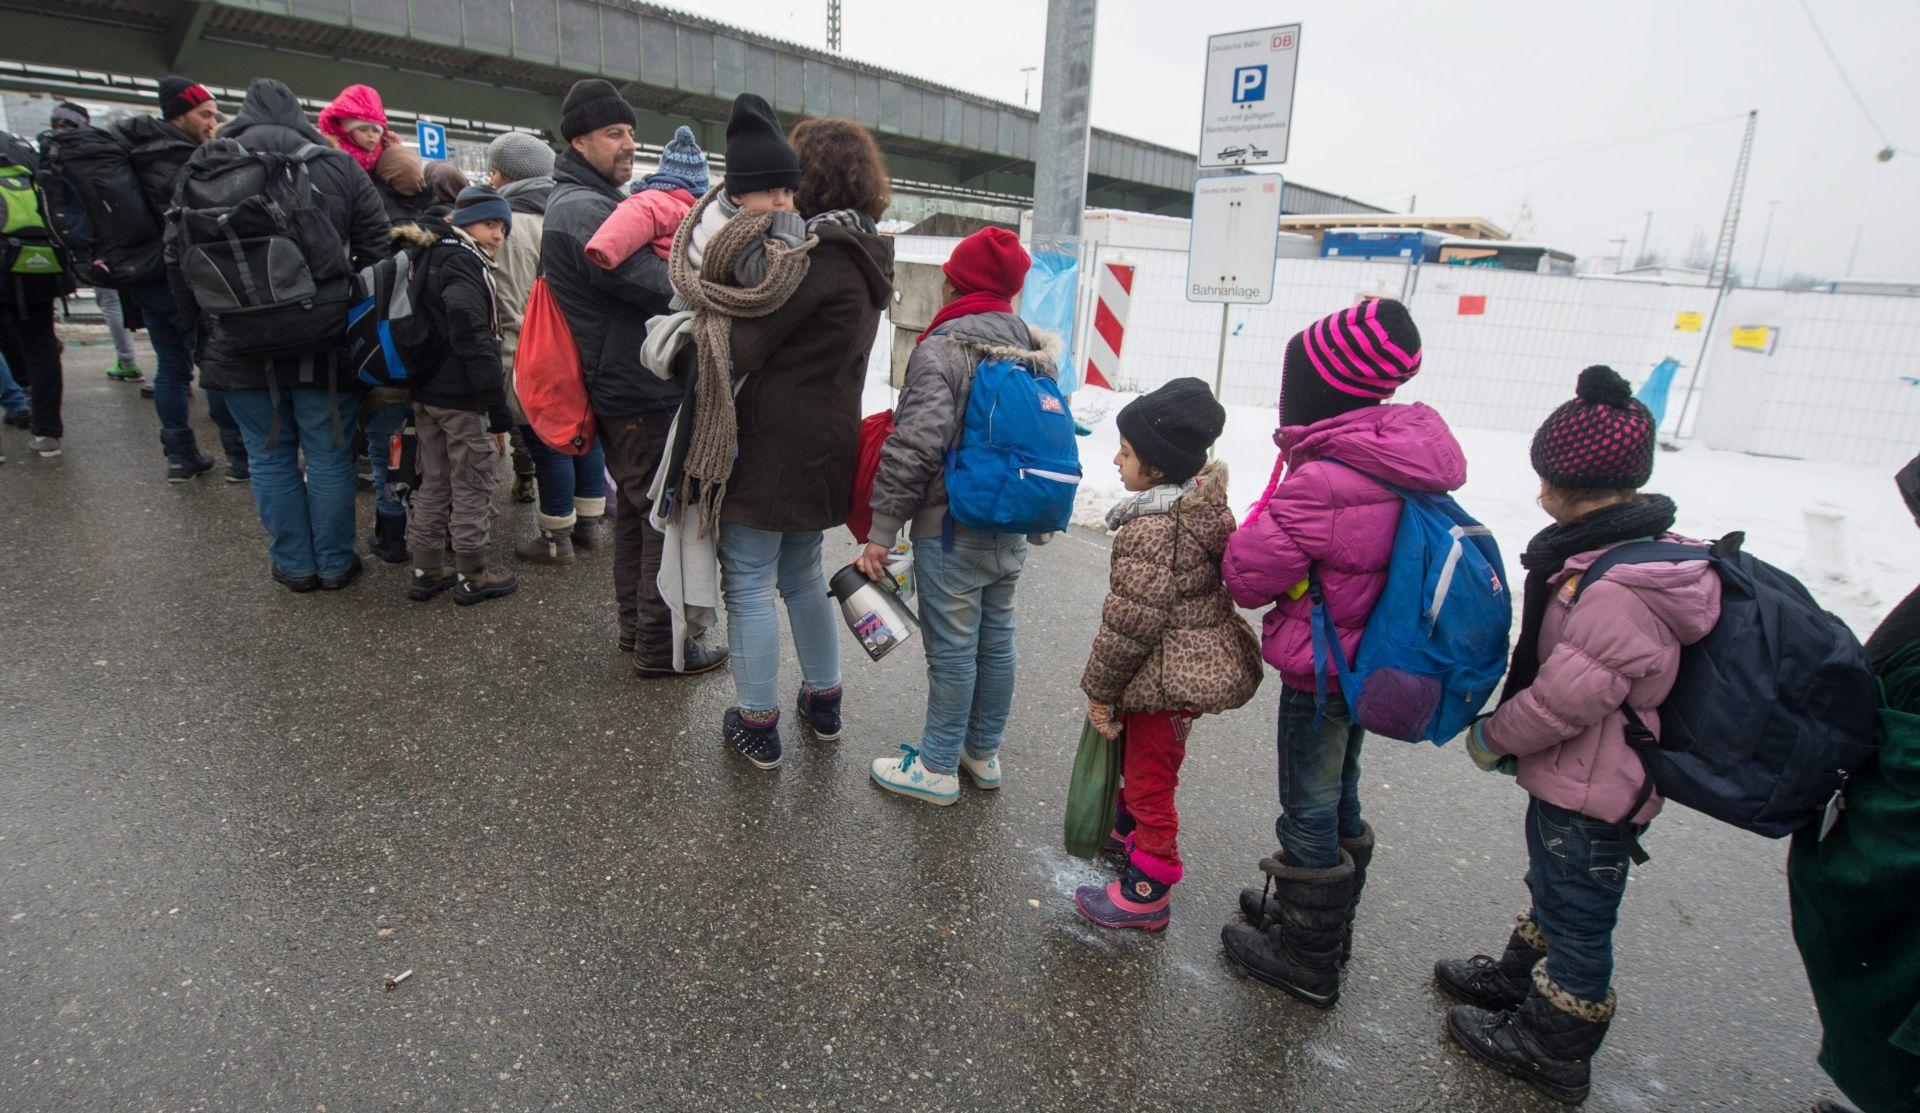 RAZOČARANI ŽIVOTOM U NJEMAČKOJ? Izbjeglice dobrovoljno i prisilno napuštaju Njemačku